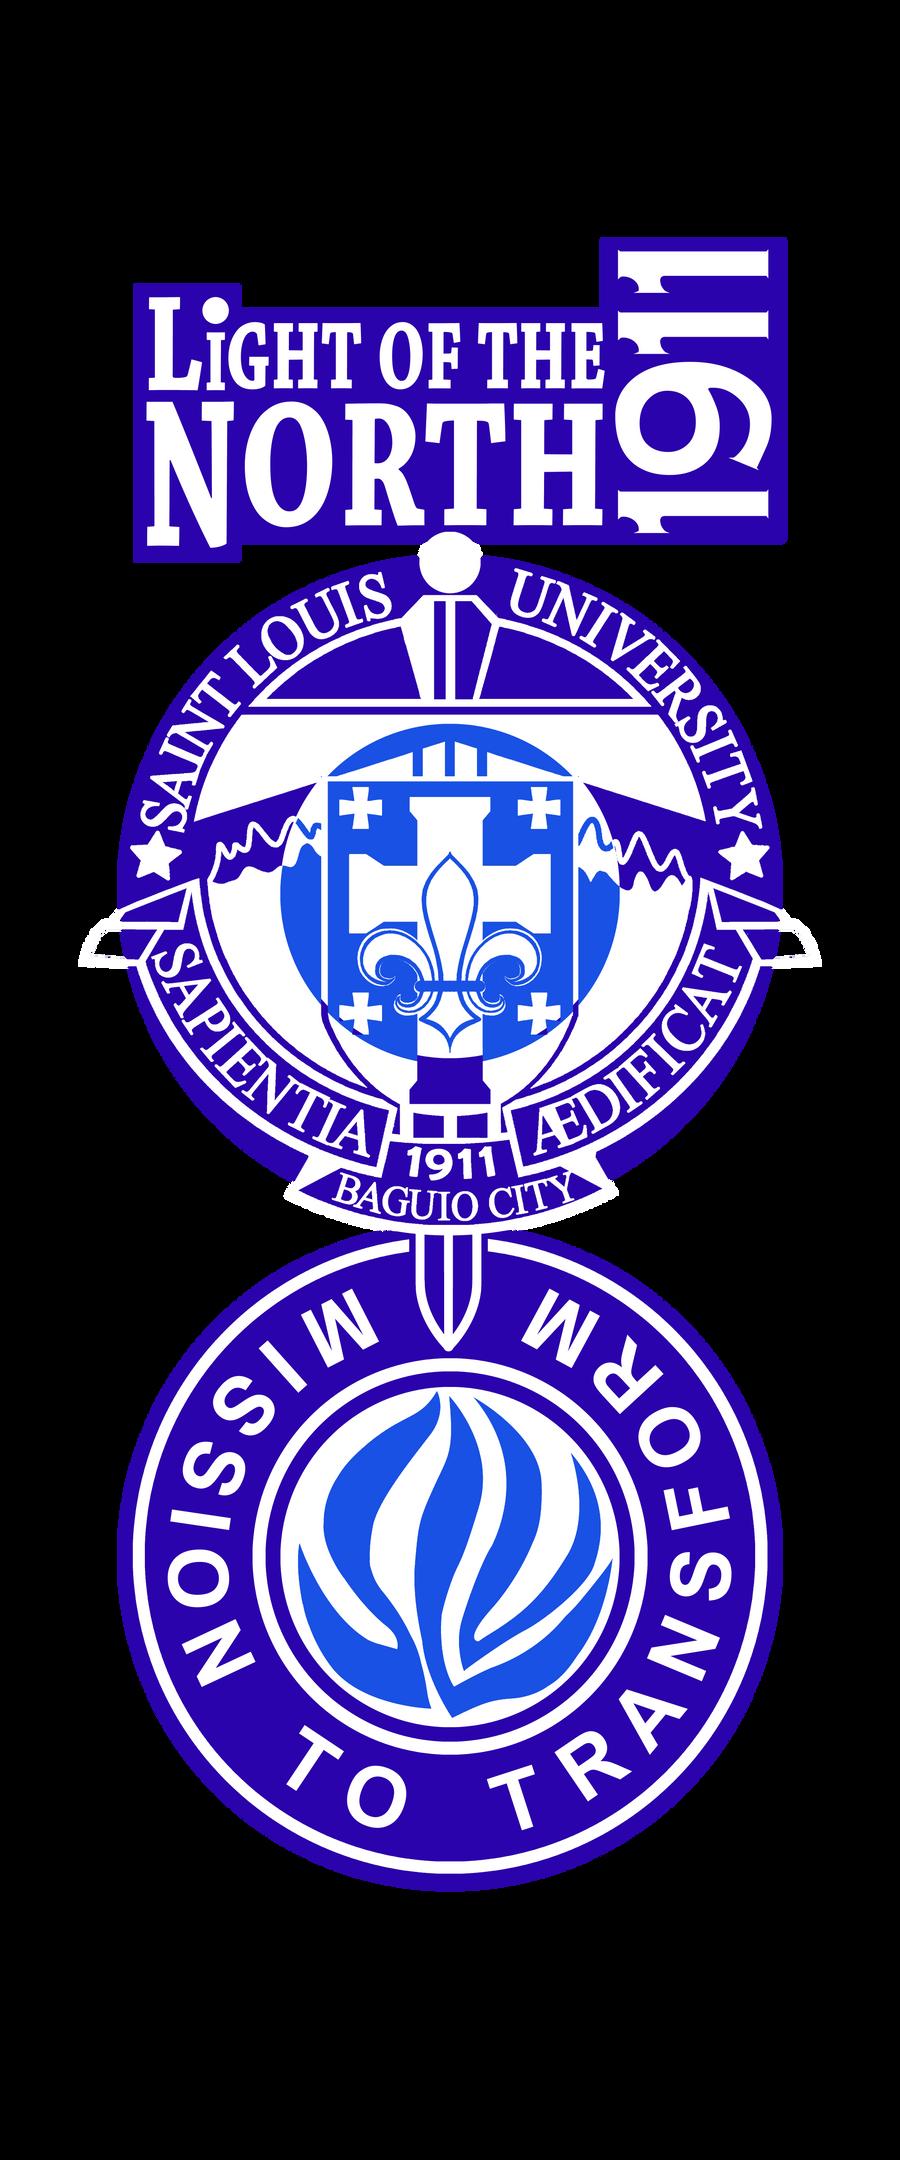 Centennial Saint Louis University, Baguio City, Ph by ...